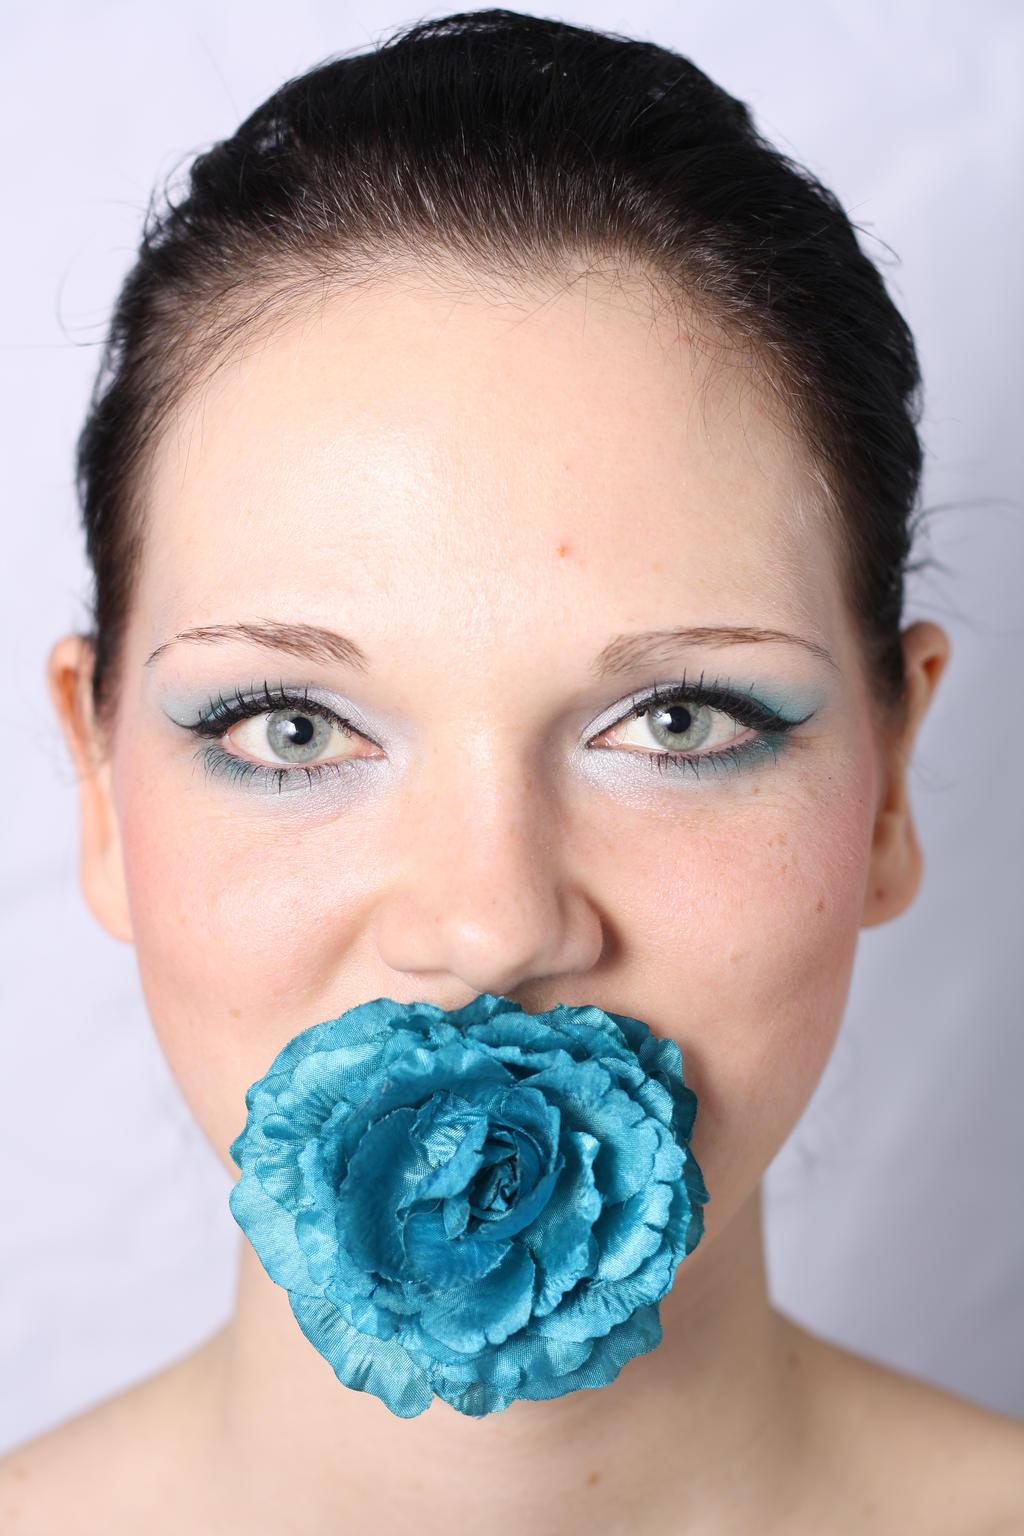 turquoise rose by Vivian-Erika